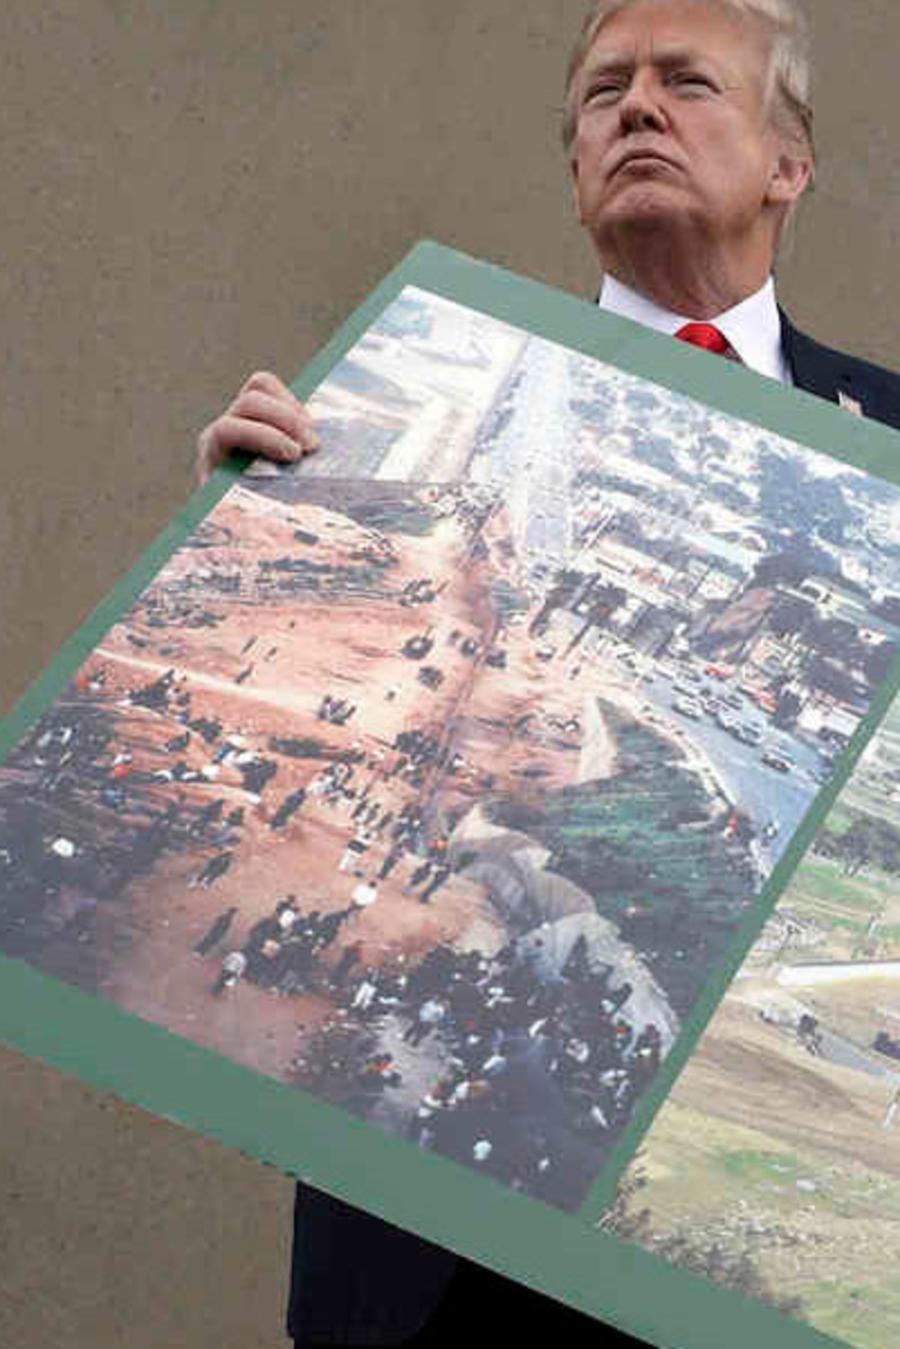 El presidente Trump sostiene una foto de la zona en al que pretende construir el muro fronterizo